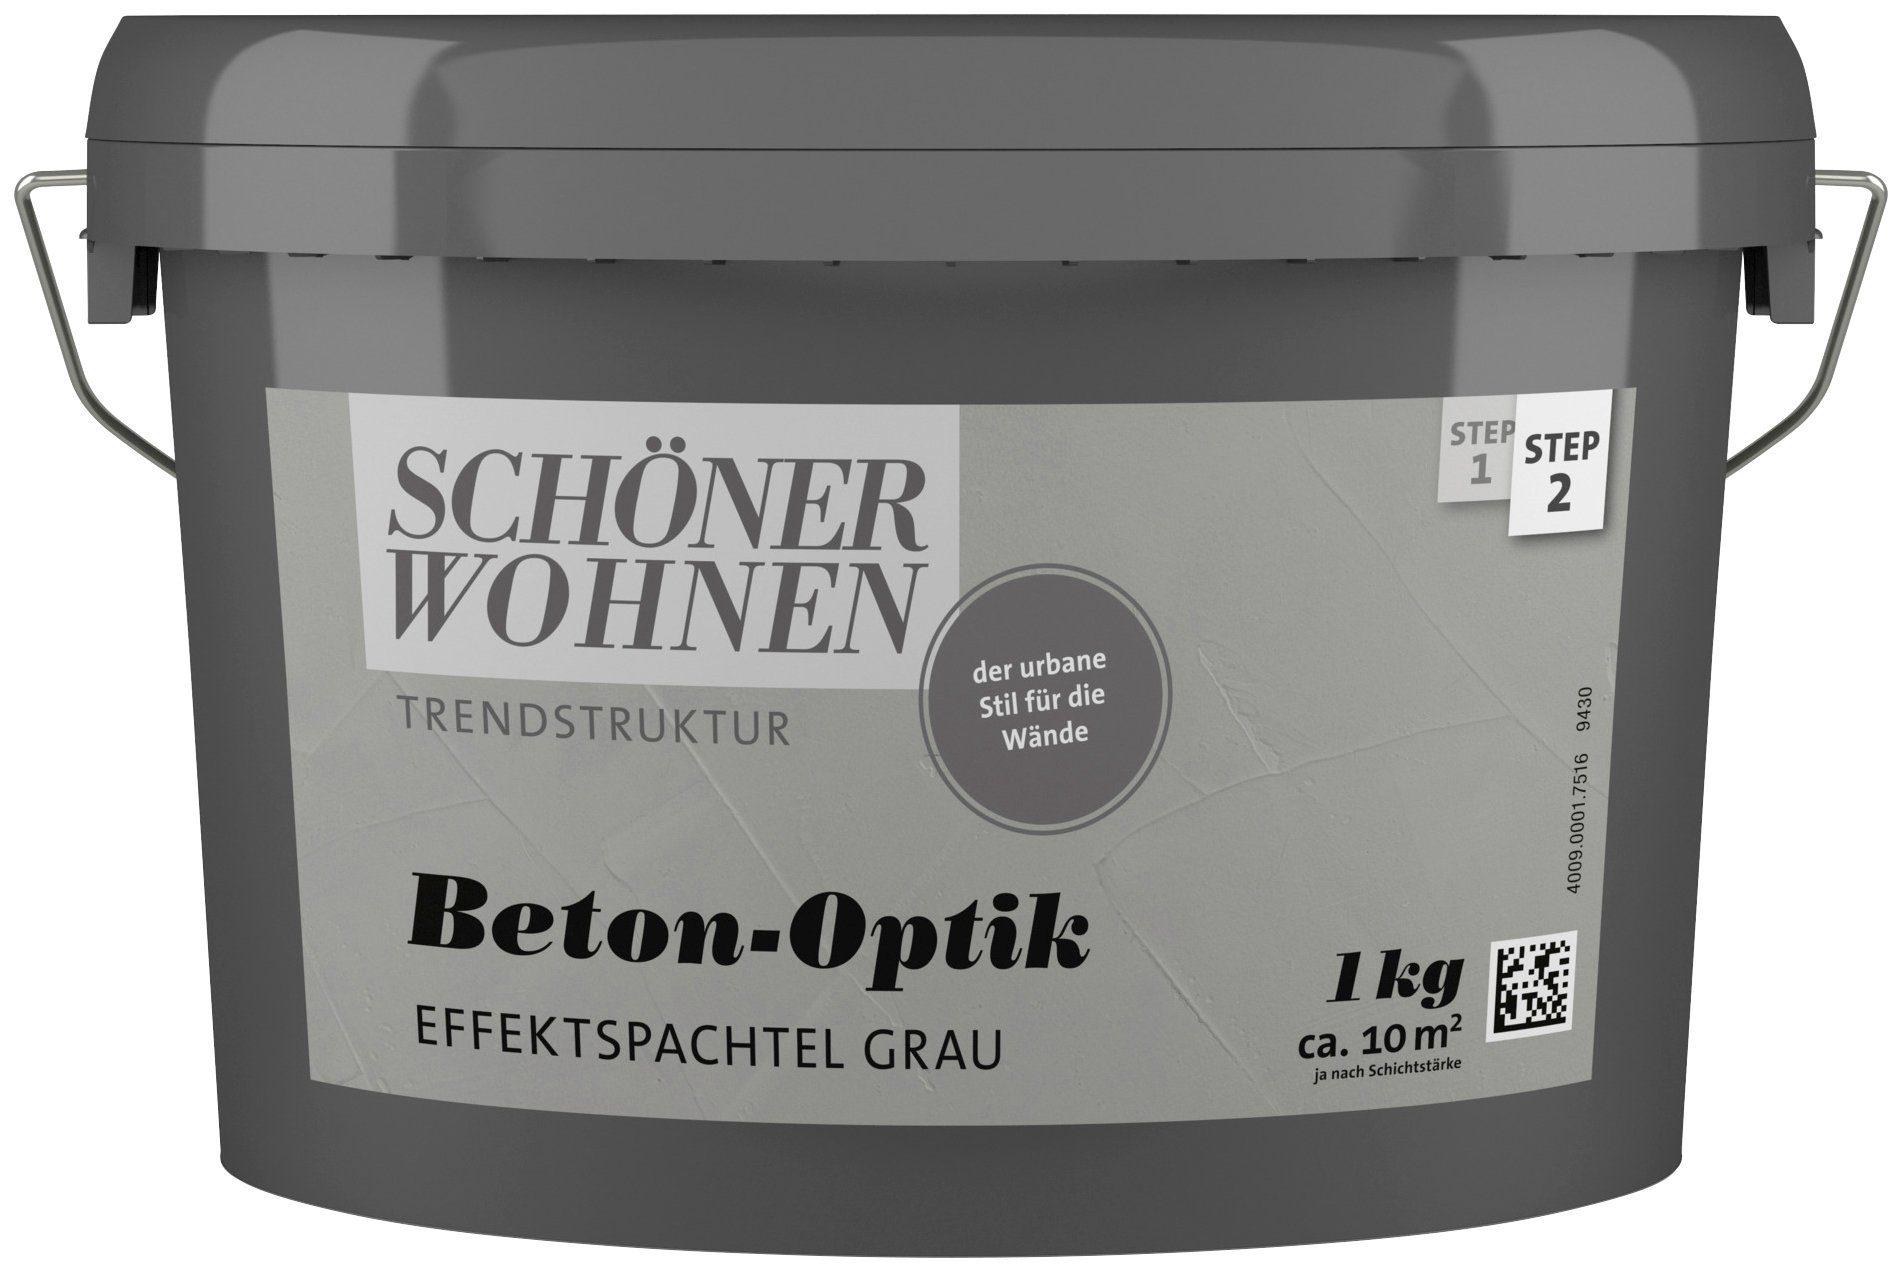 SCHÖNER WOHNEN FARBE Spachtelmasse »Betonoptik Effektspachtel grau«, 1 kg